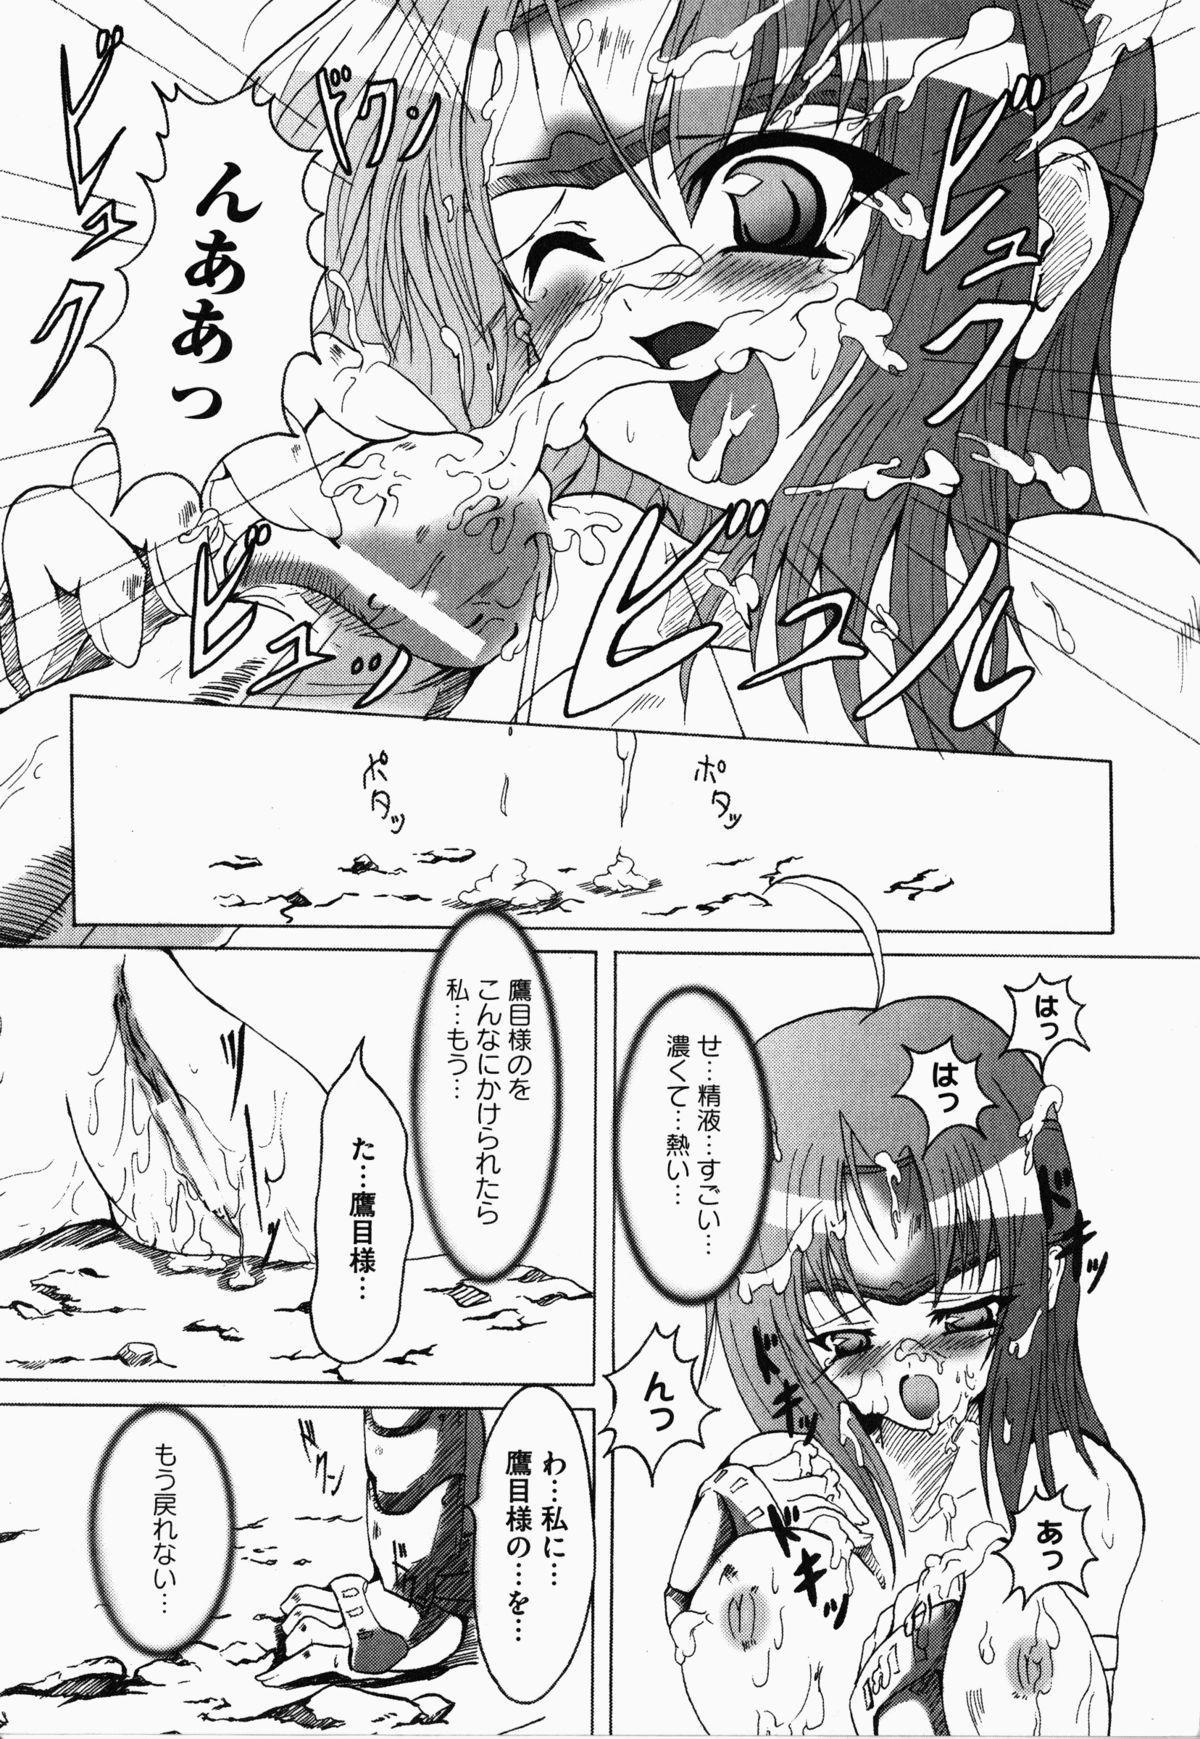 Nukenin - Hokaku, Soshite Choukyou e... 97